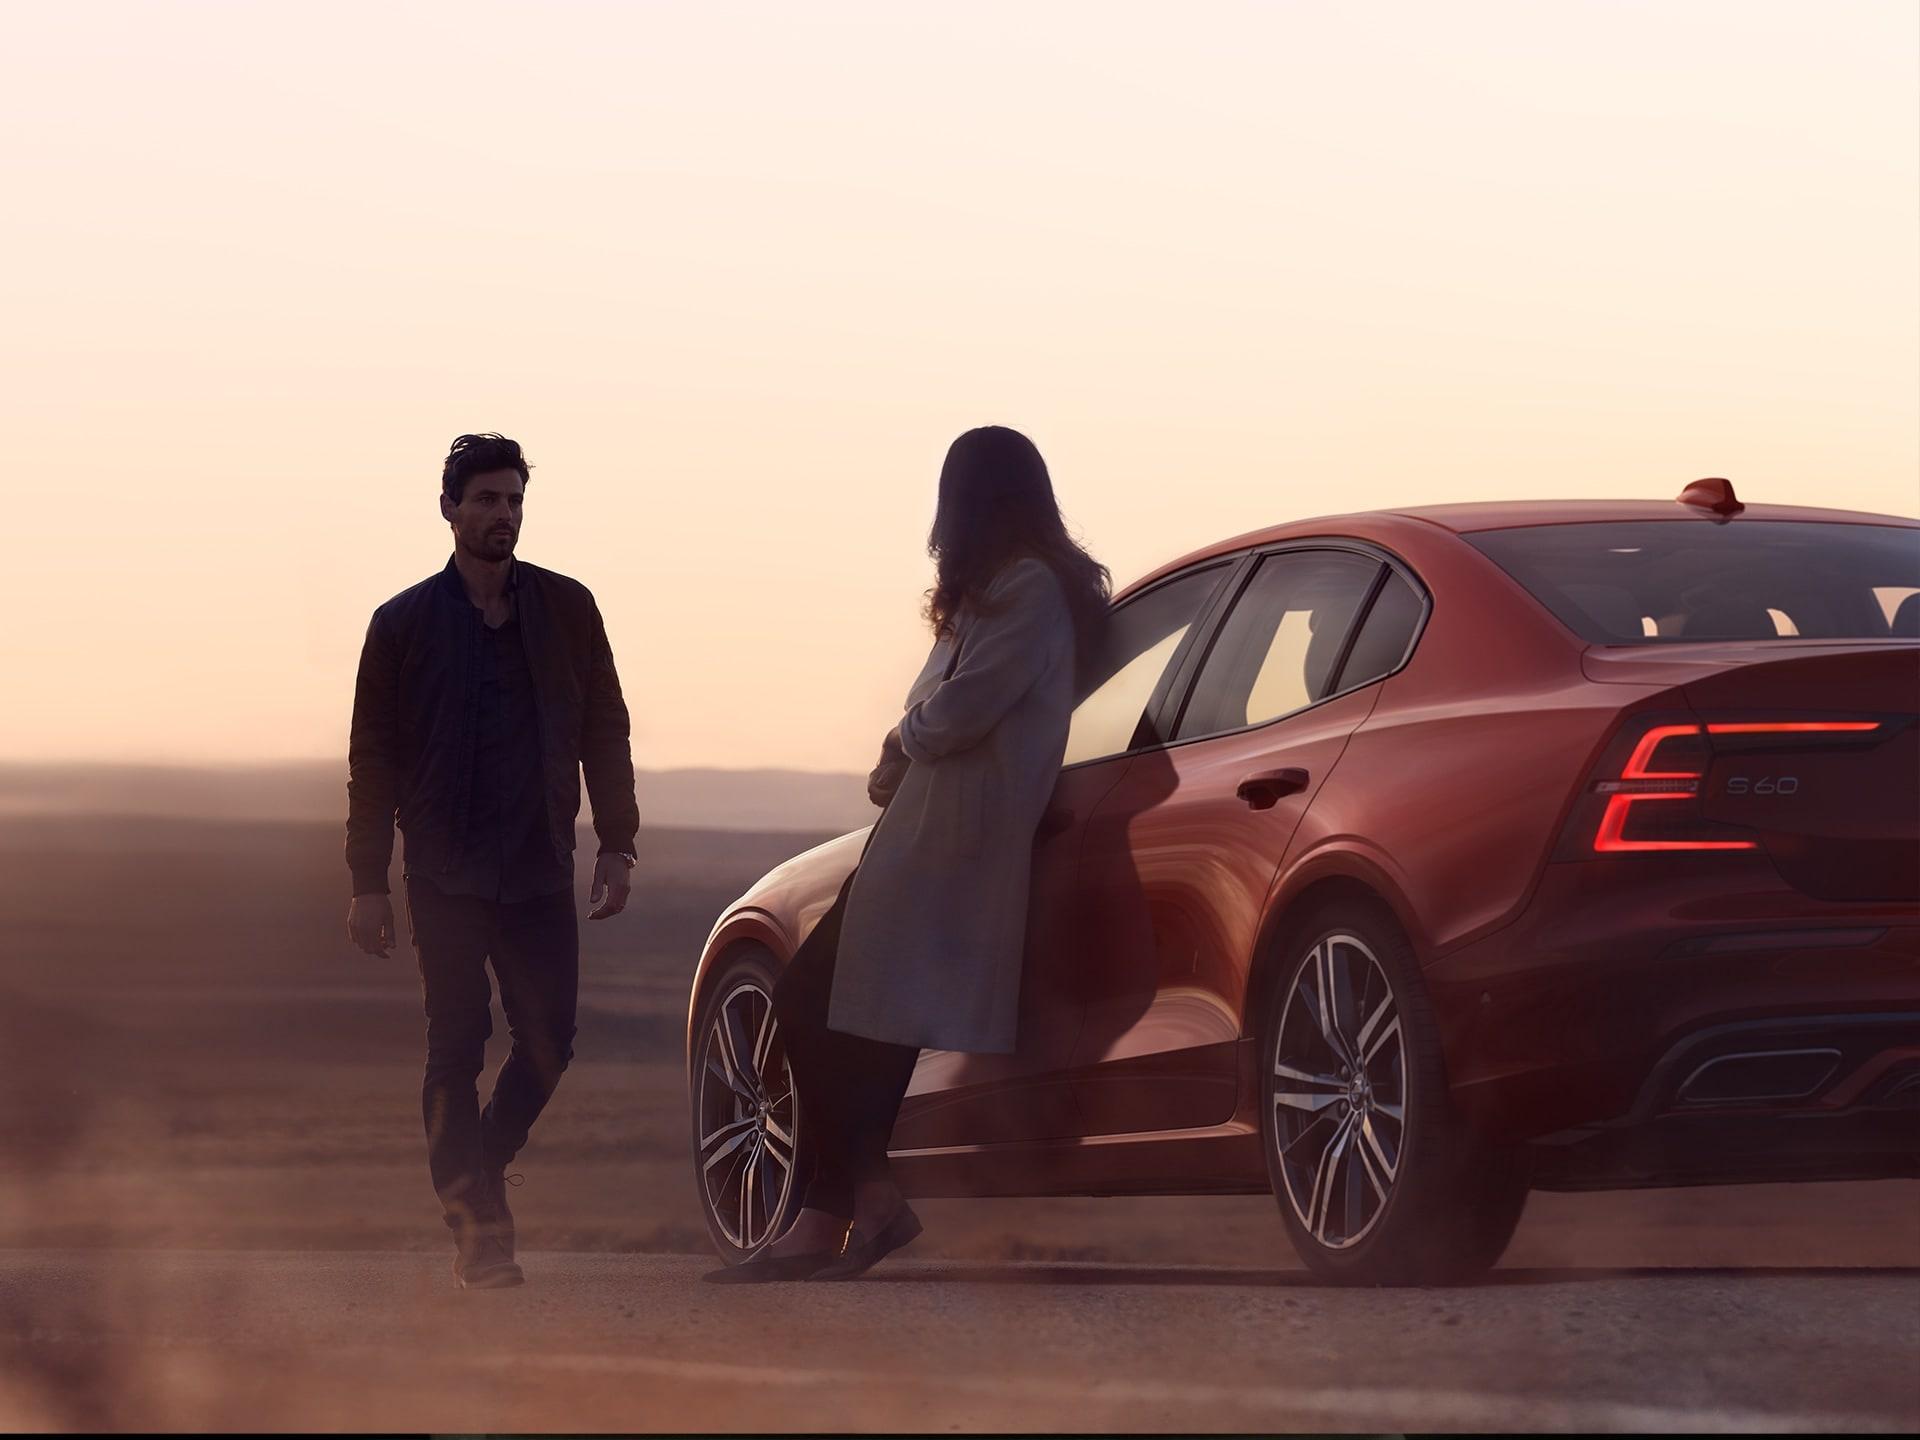 Un bărbat și o femeie stau aproape de mașina lor S60 roșie, la apus